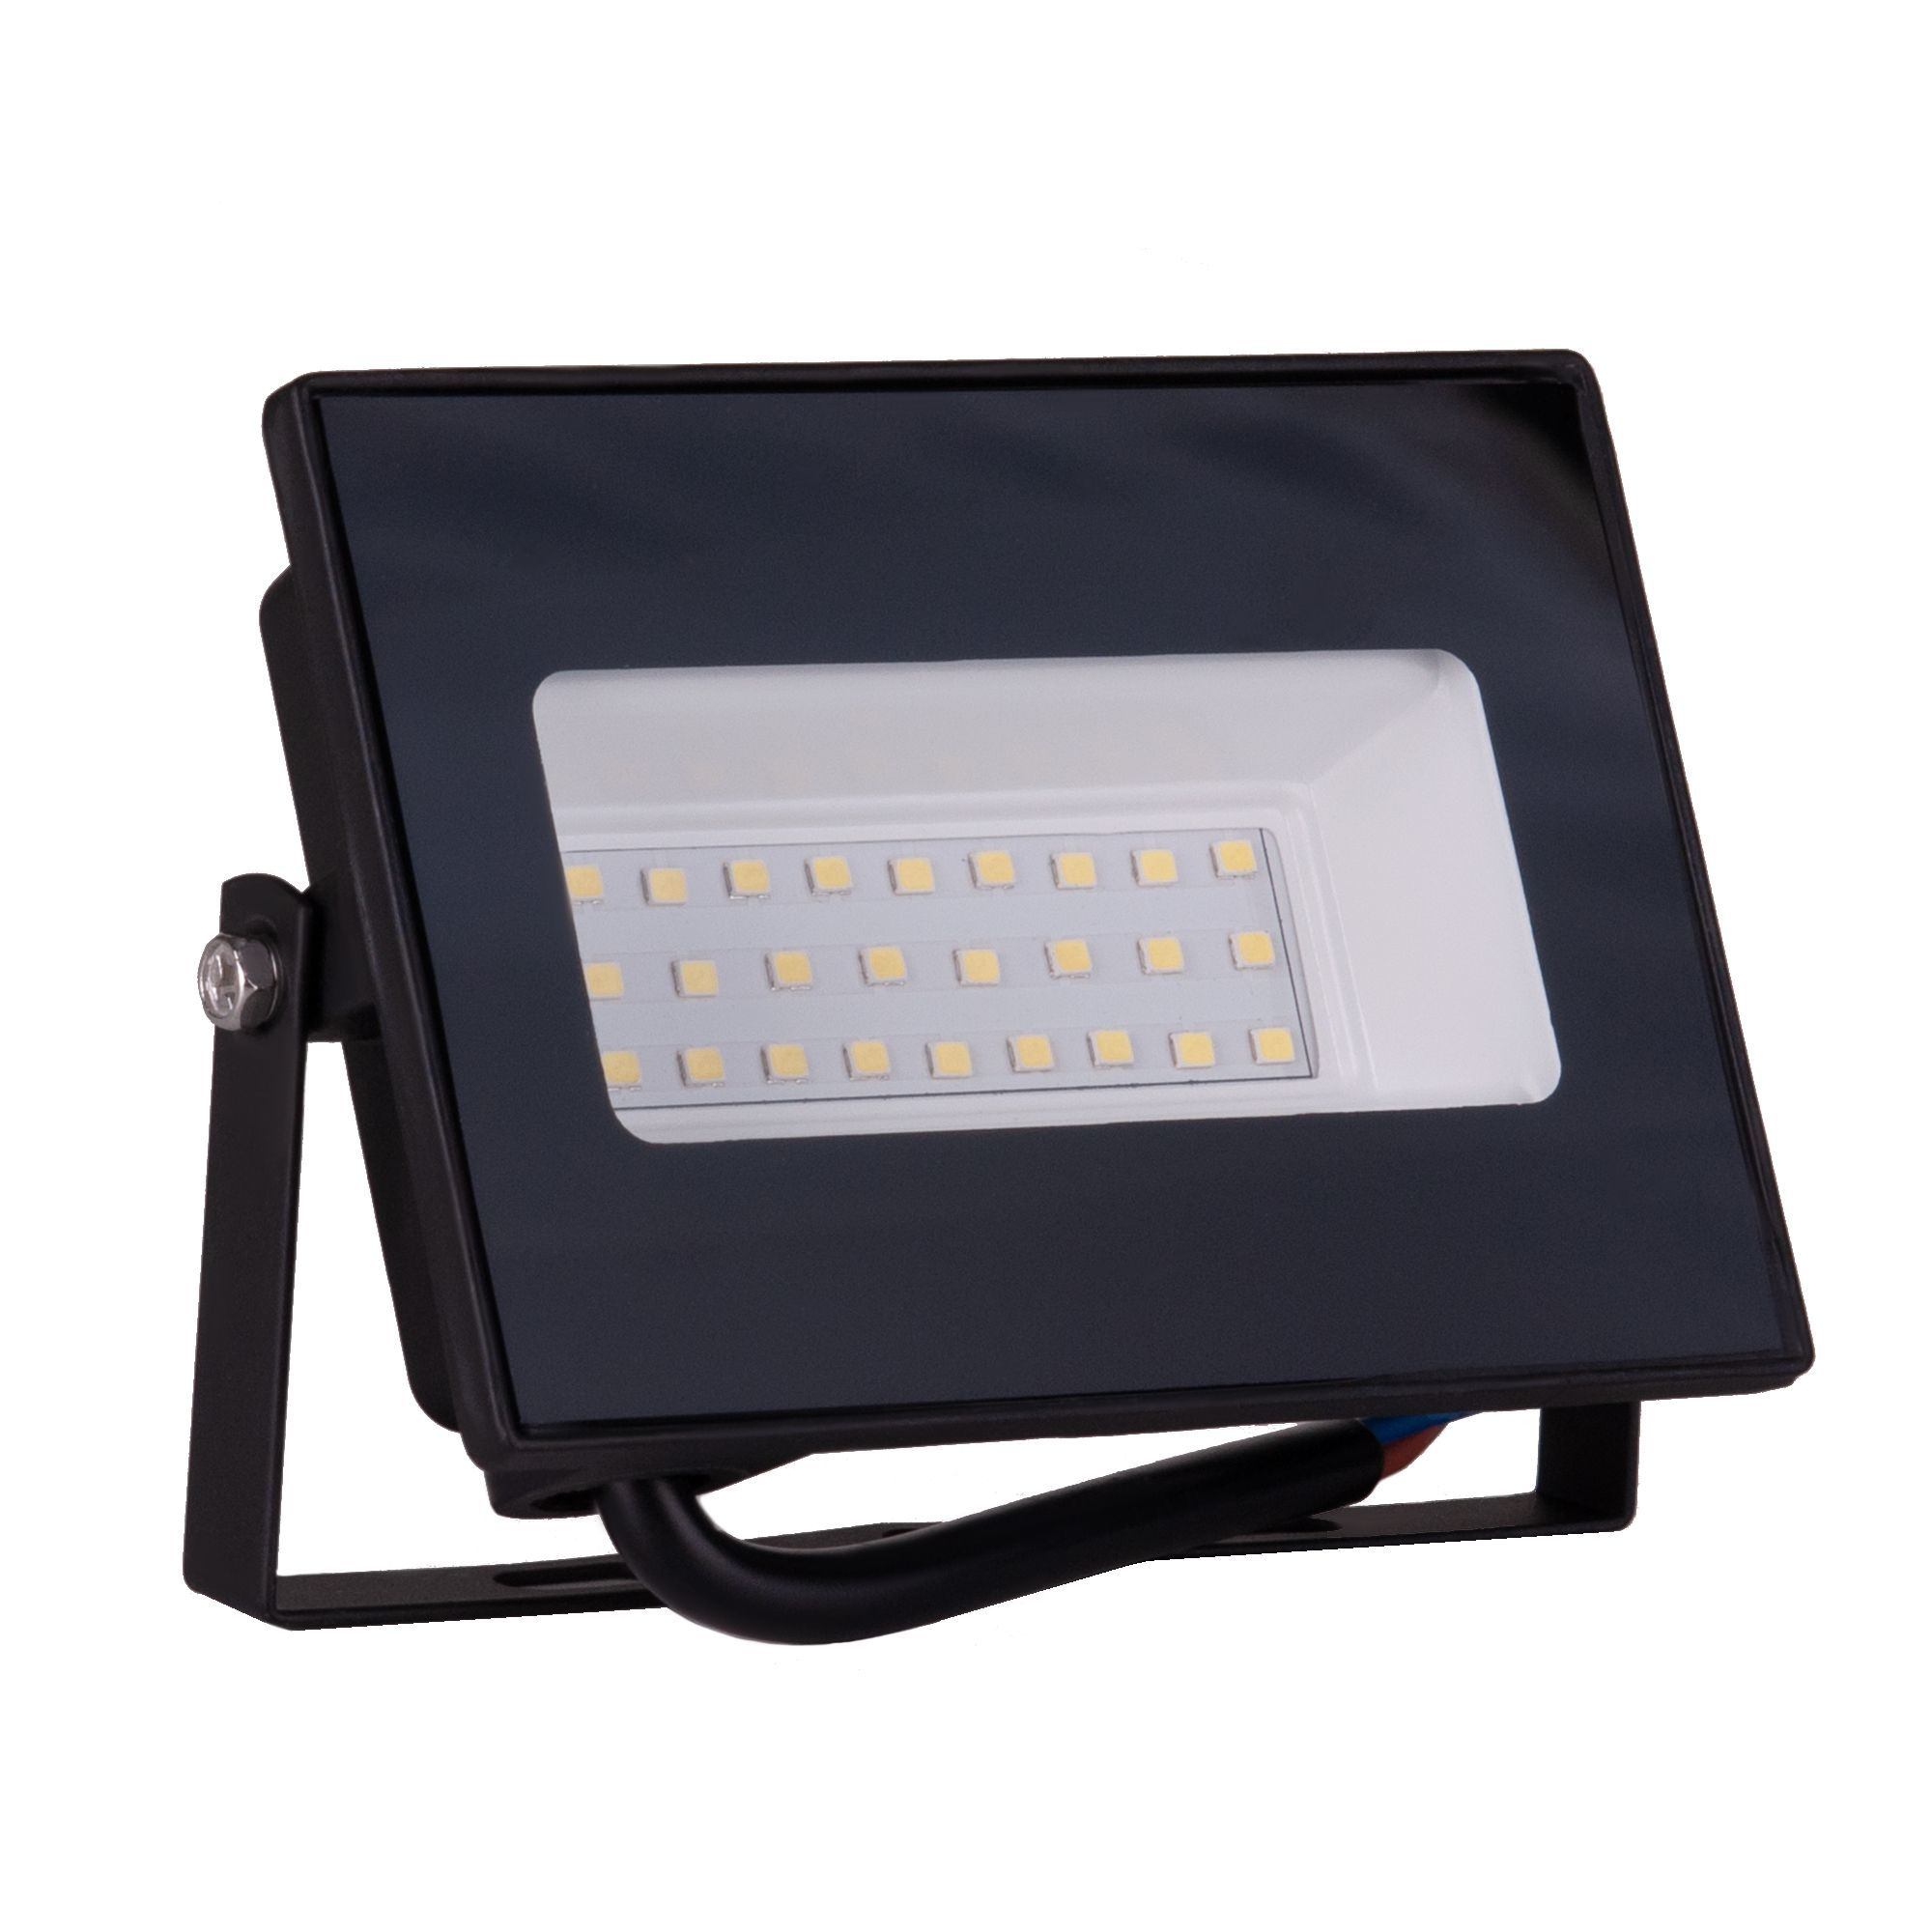 Уличный светодиодный прожектор 30W 6500K IP65 013 FL LED 30W 6500K IP65